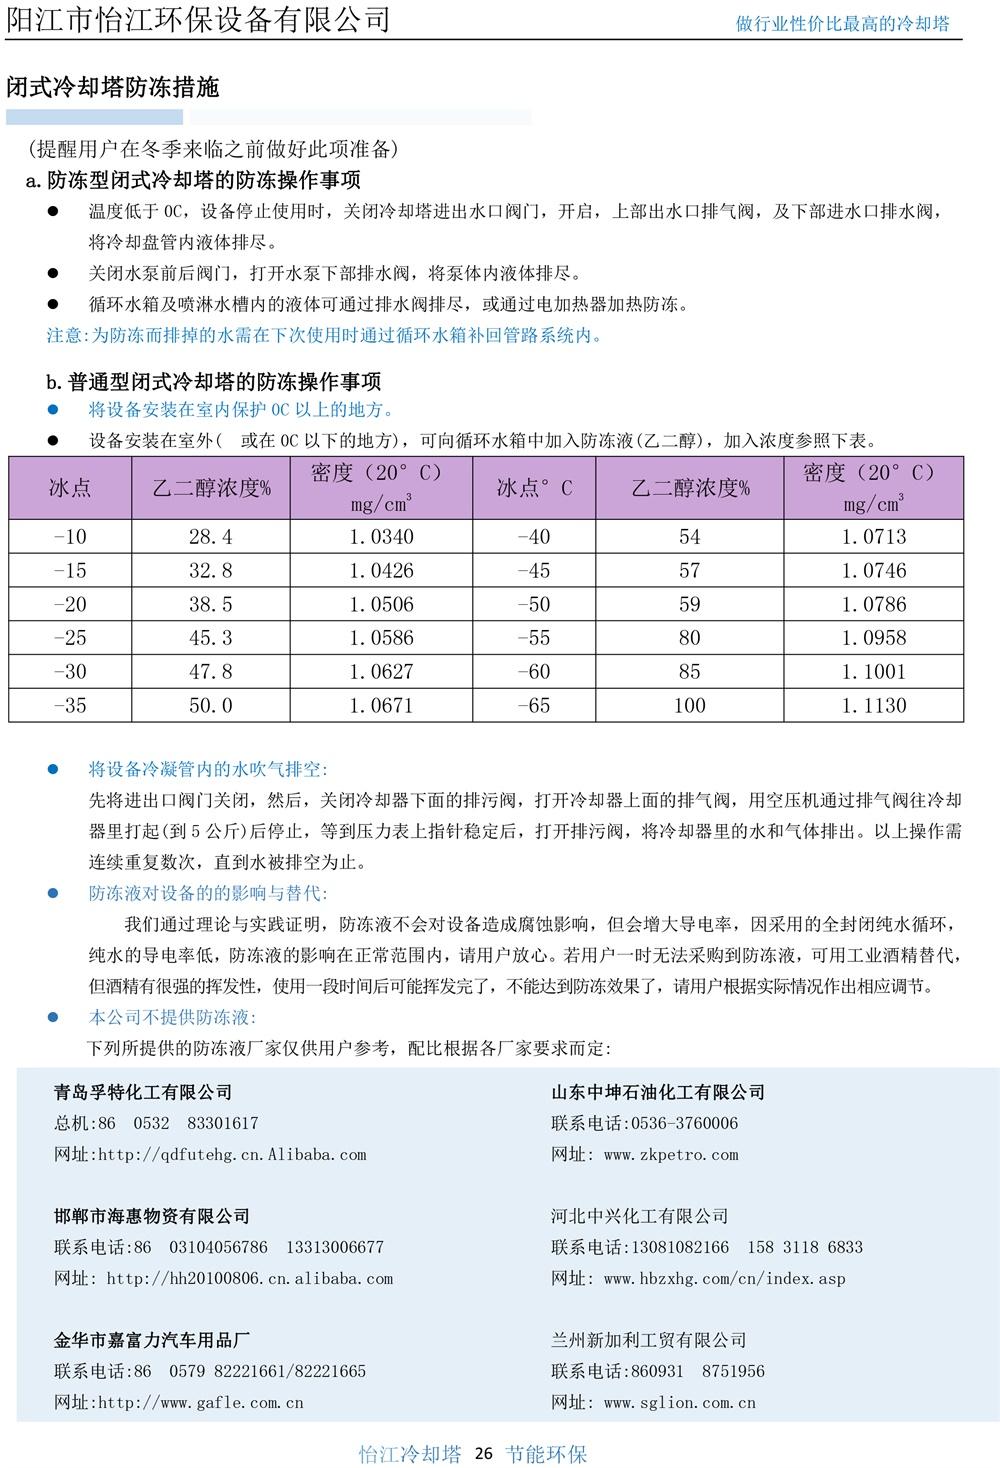 產品手冊(彩頁)3-26.jpg